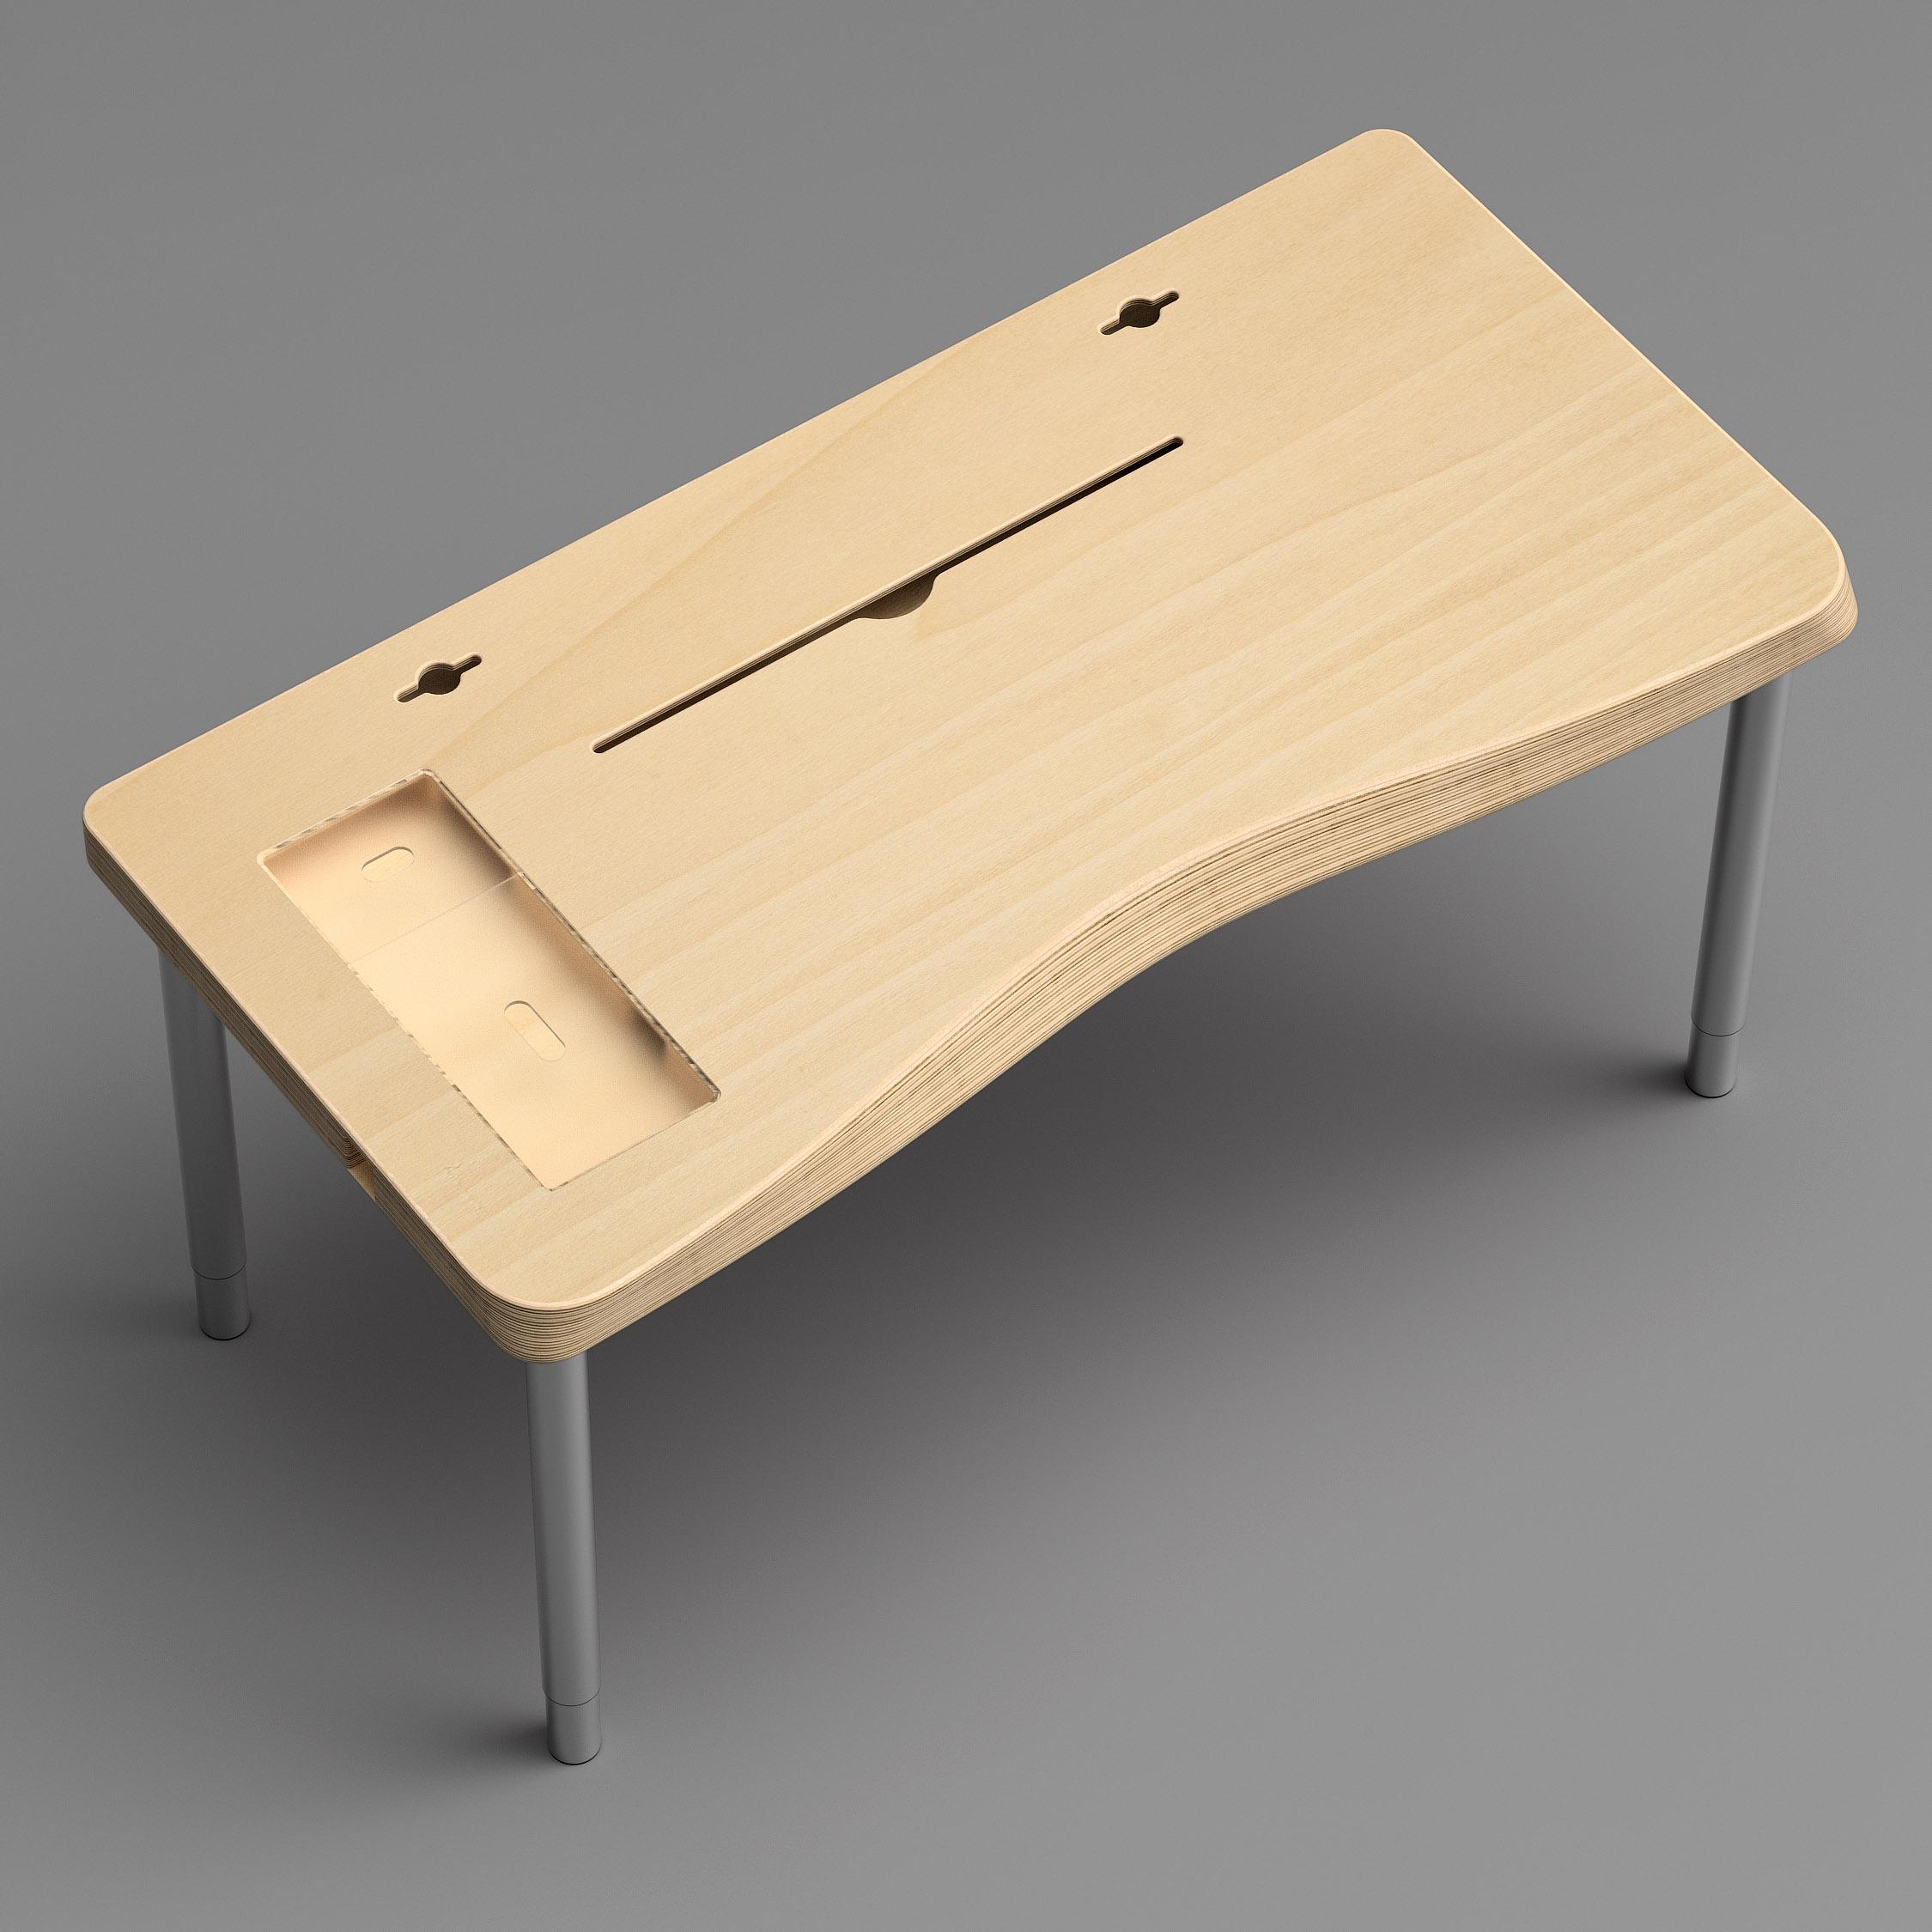 16_FD-009-Slider_IKEA-Gerton-Axon-Studio-150-edit-SQ.jpg